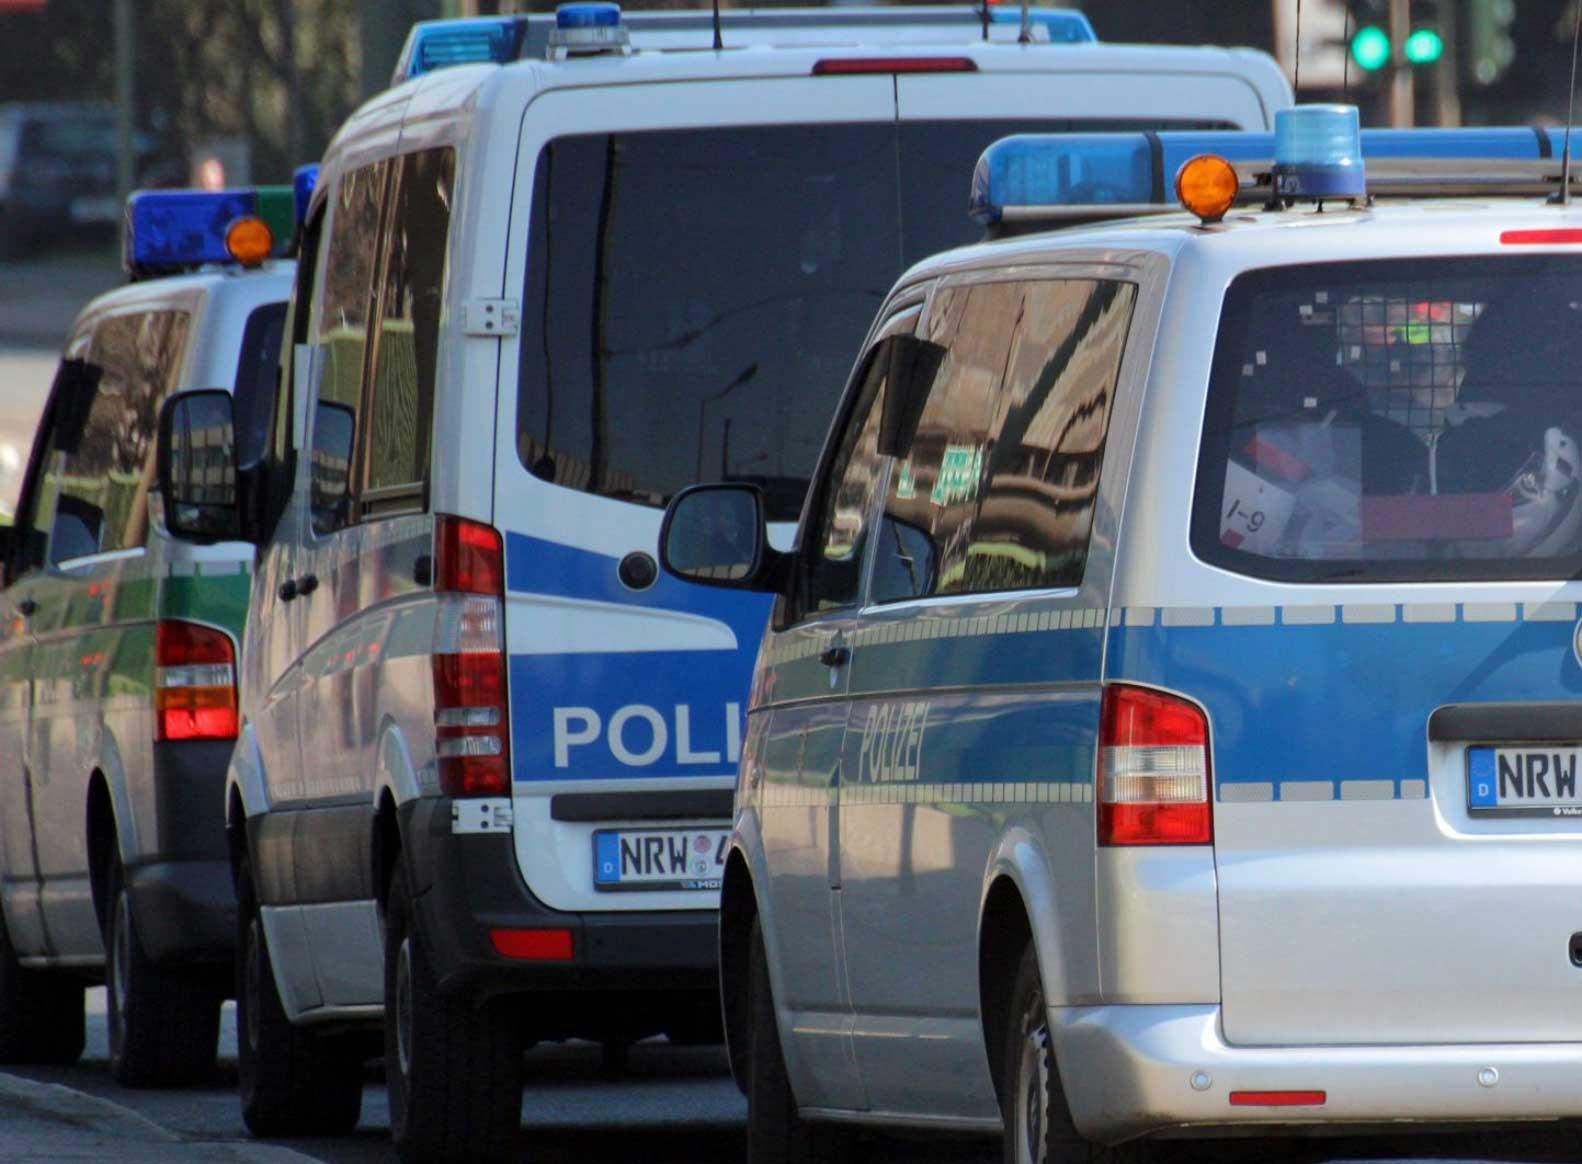 Dr. Martin Sommer Sicherheit Landratswahl Polizei NRW